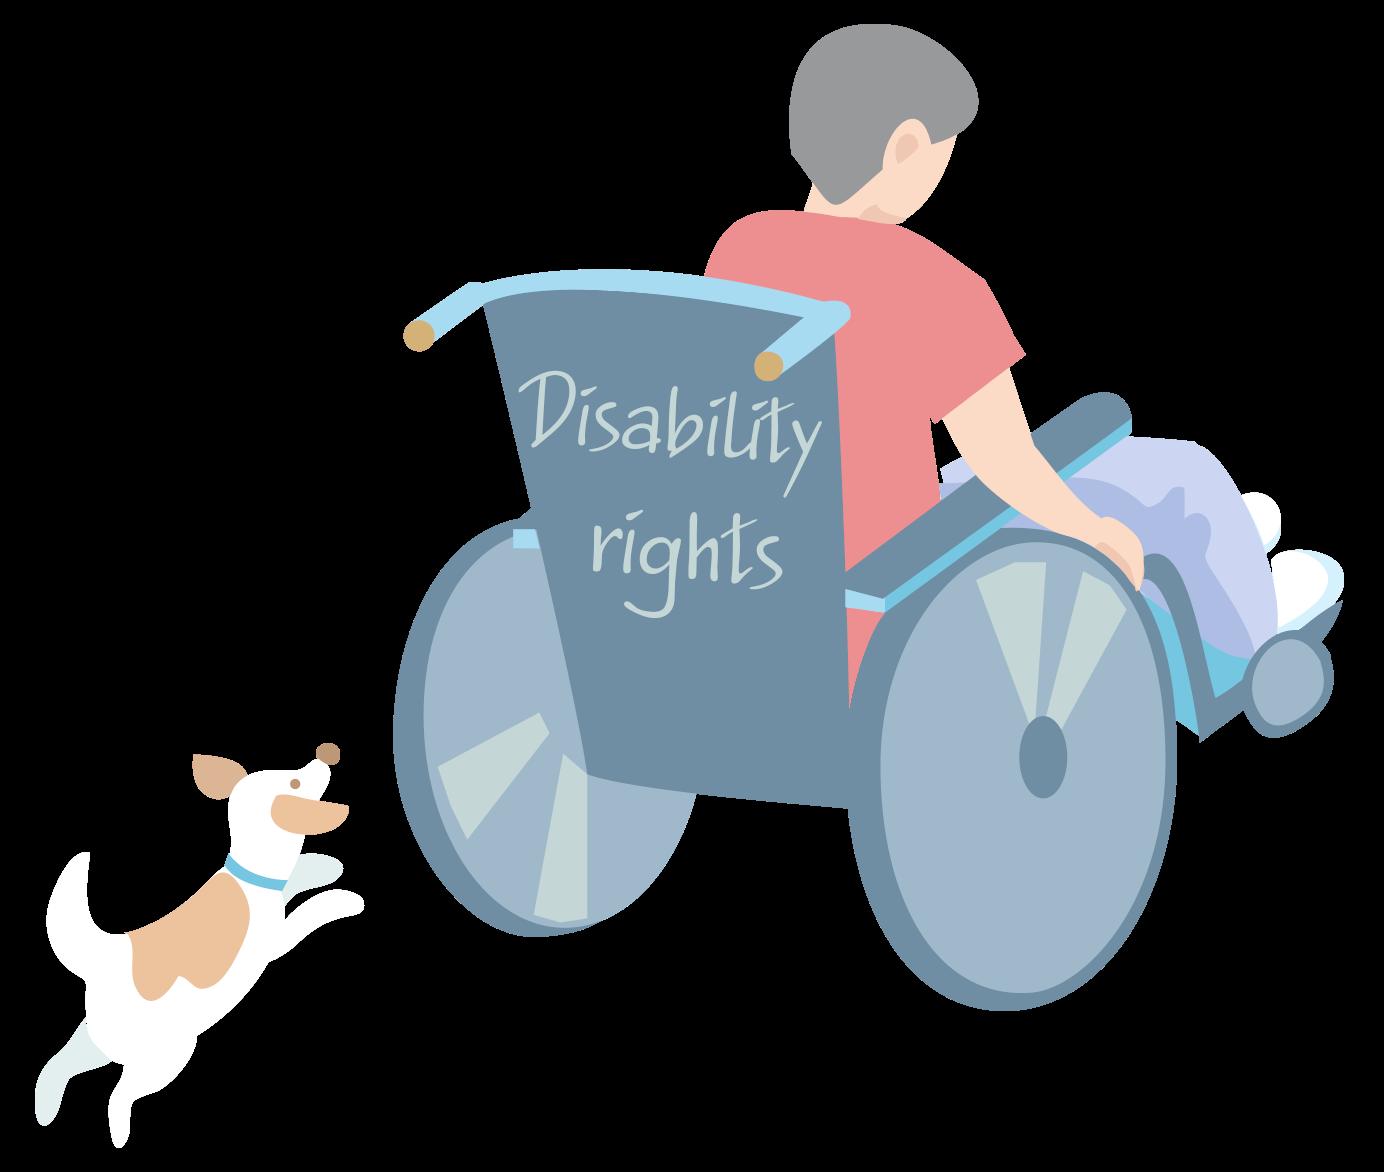 Sveriges första sommarskola om konventionen om rättigheter för personer med funktionsnedsättning